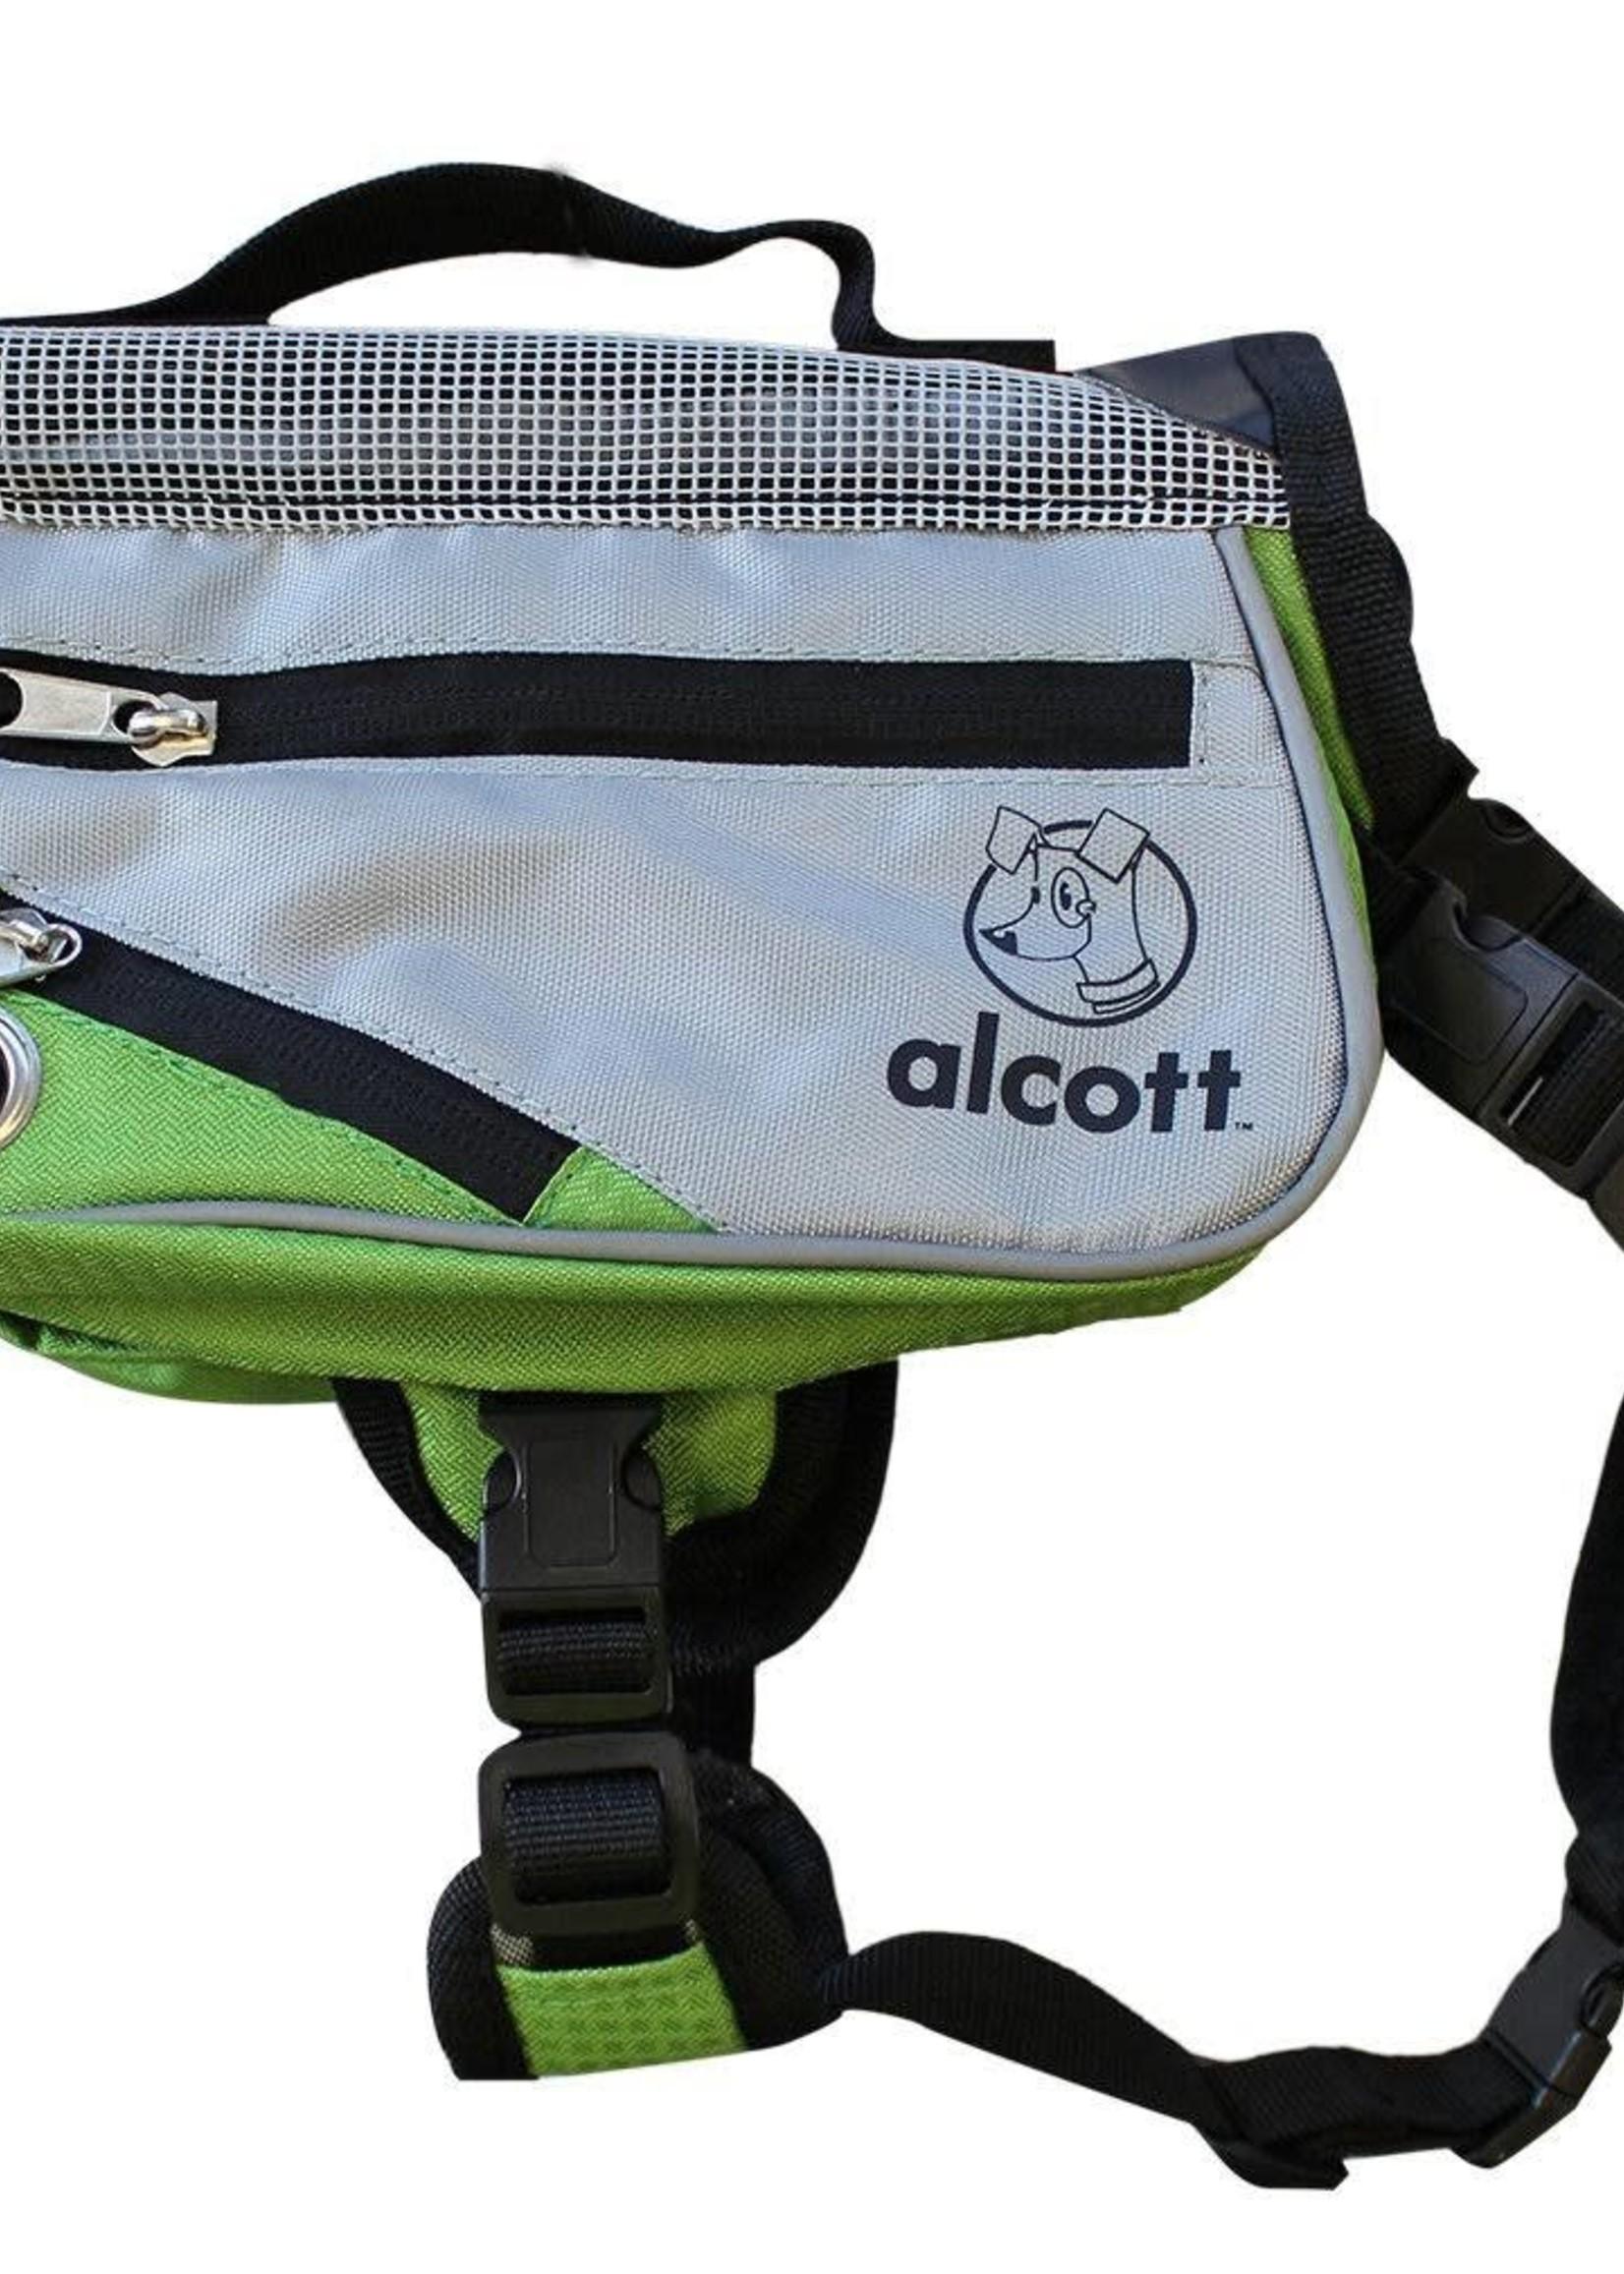 Alcott™ Alcott Adventure Backpack Green Large